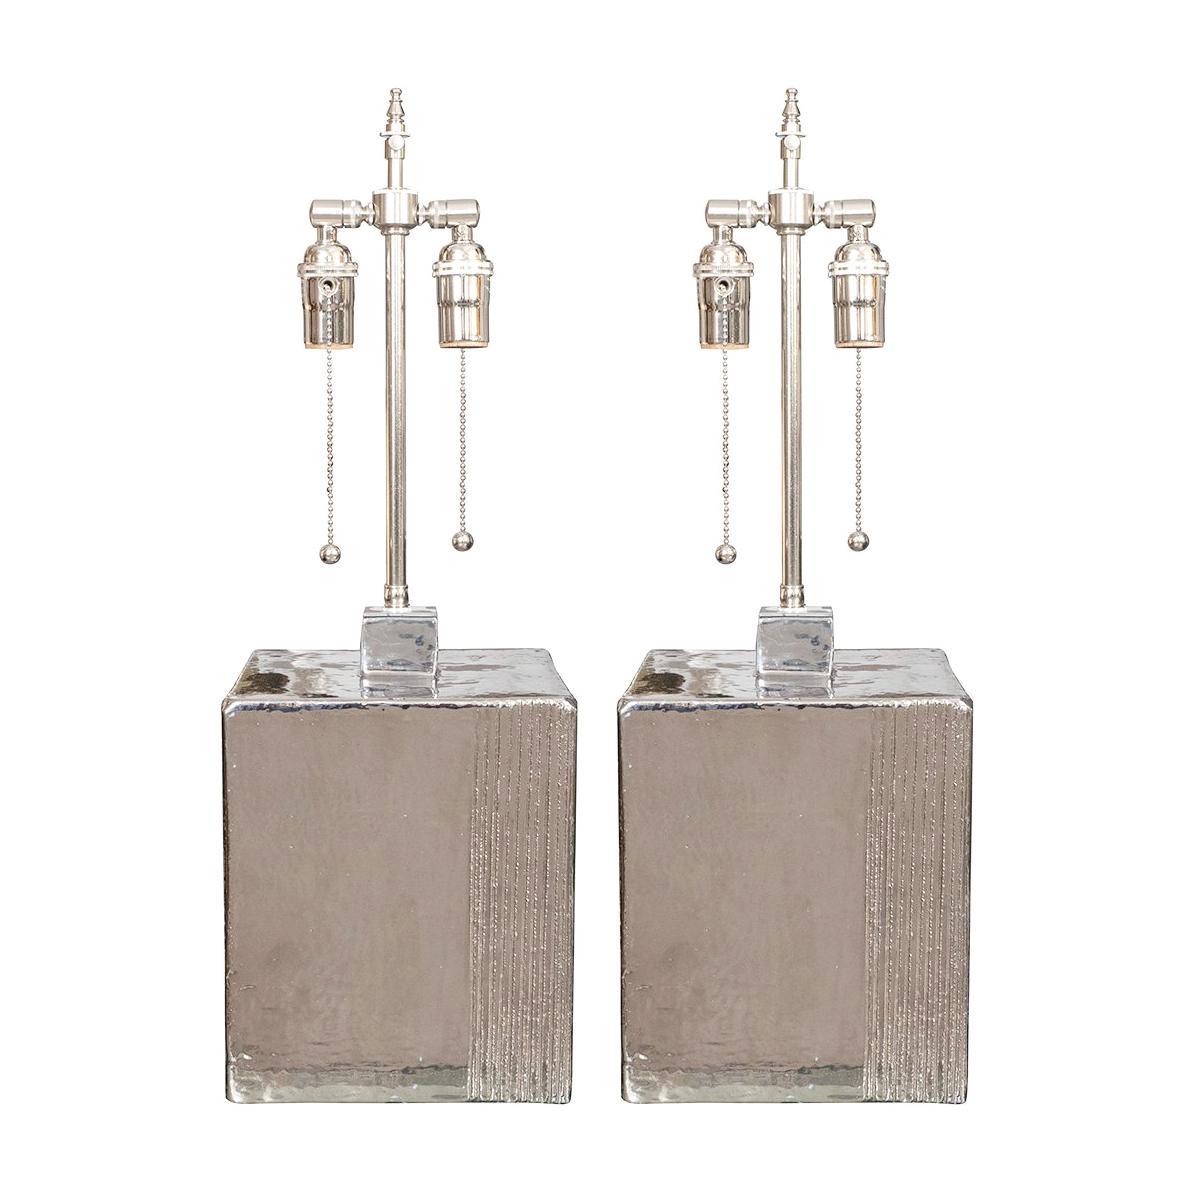 Pair of Ceramic Block Lamps with Metallic Finish